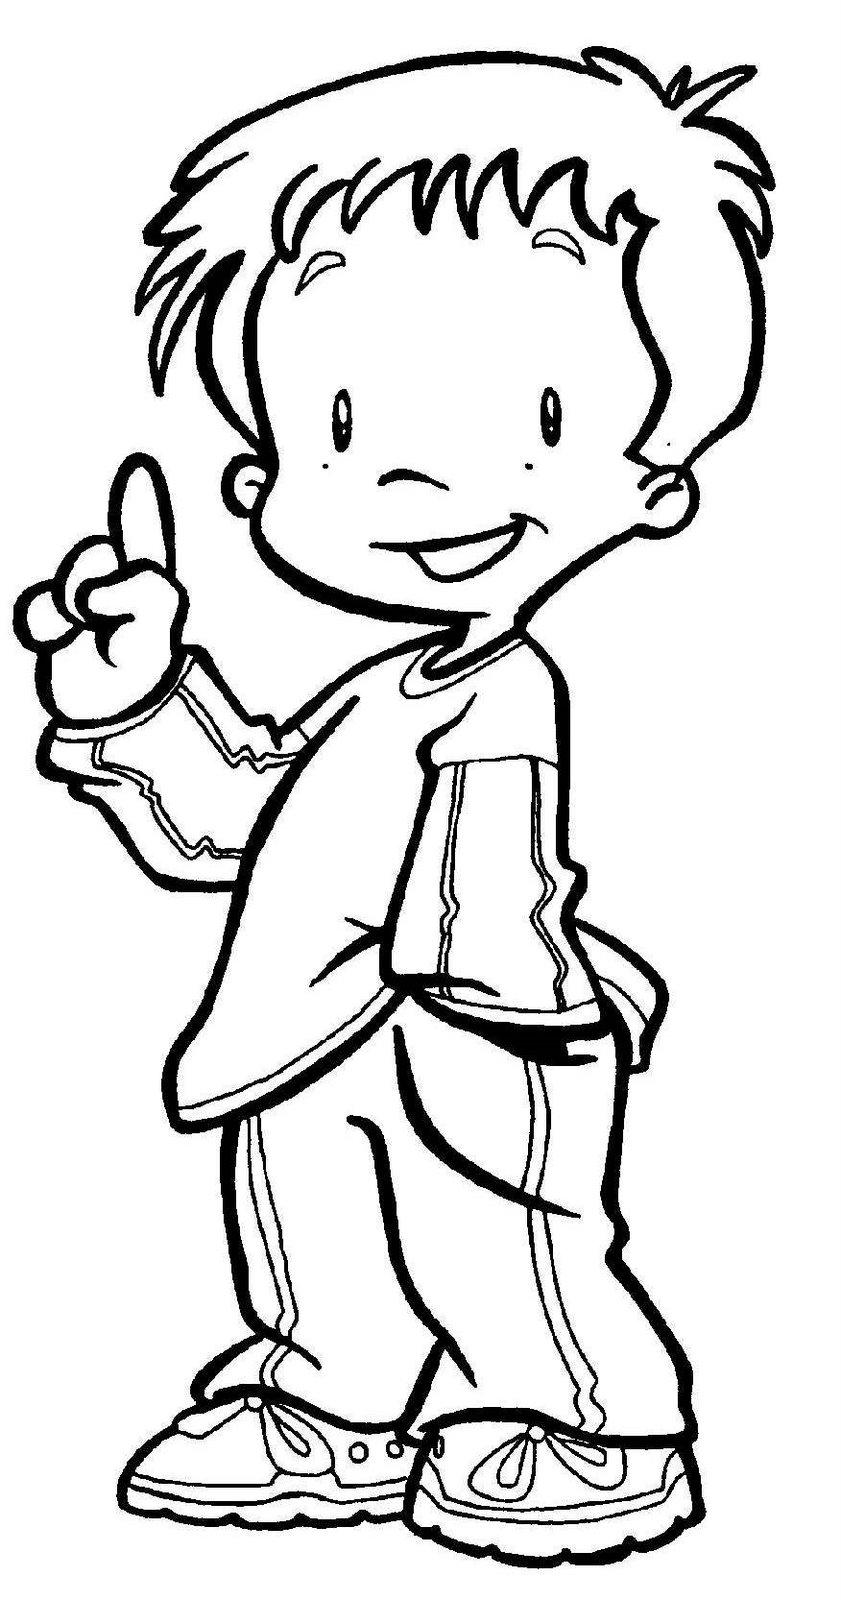 Nene Dibujo Infantil Pictures